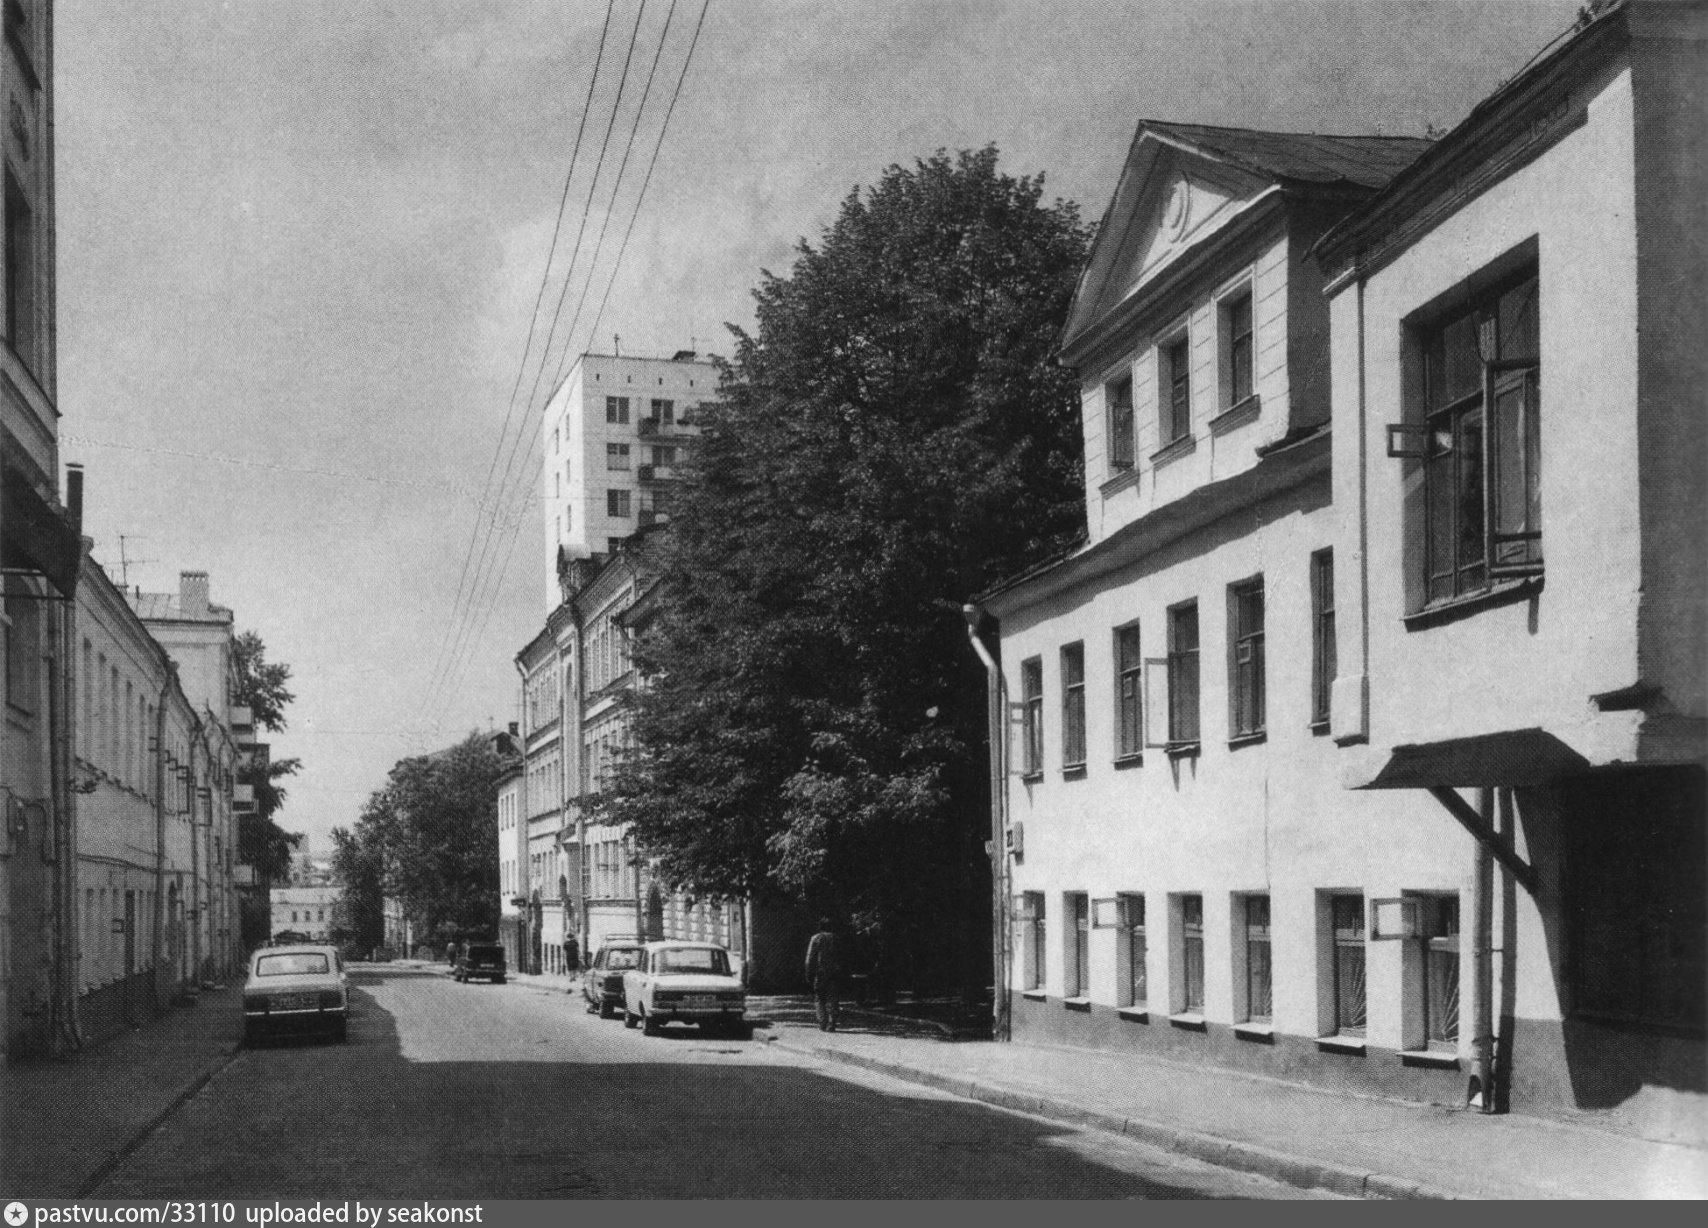 пресеты ретро фото безбожного переулка в москве всего ведет